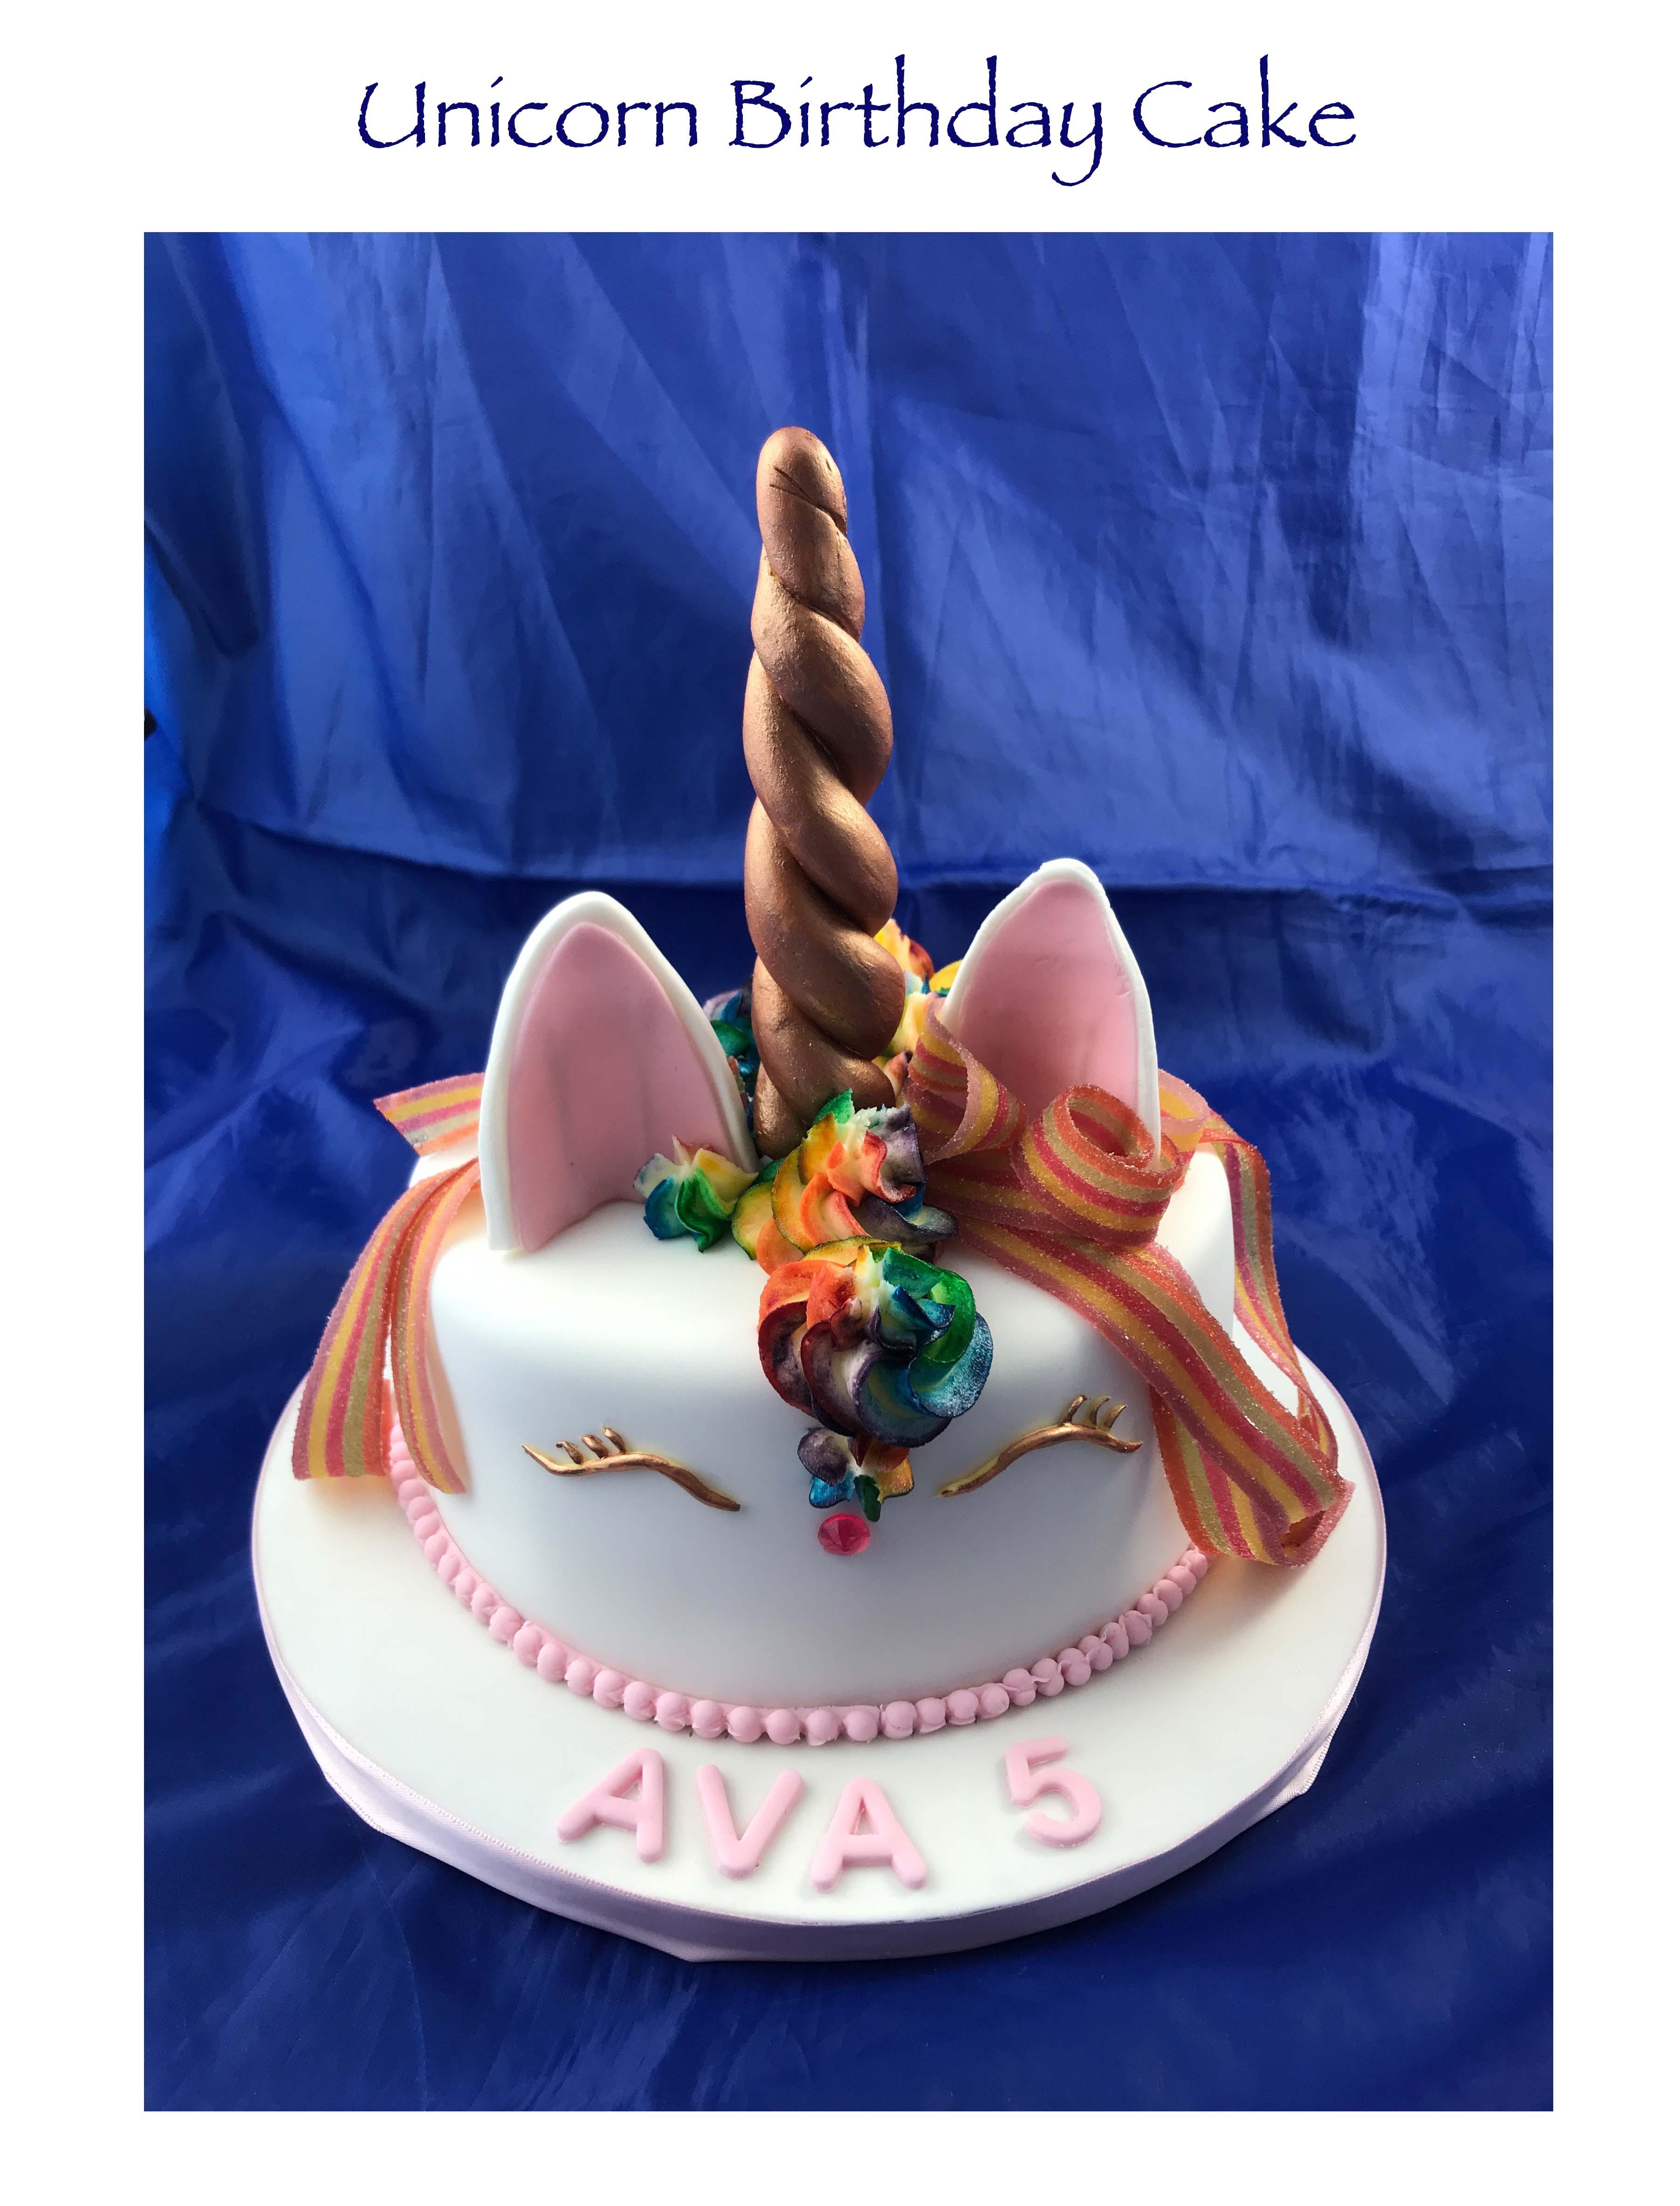 Unicorn Cake (Ava)